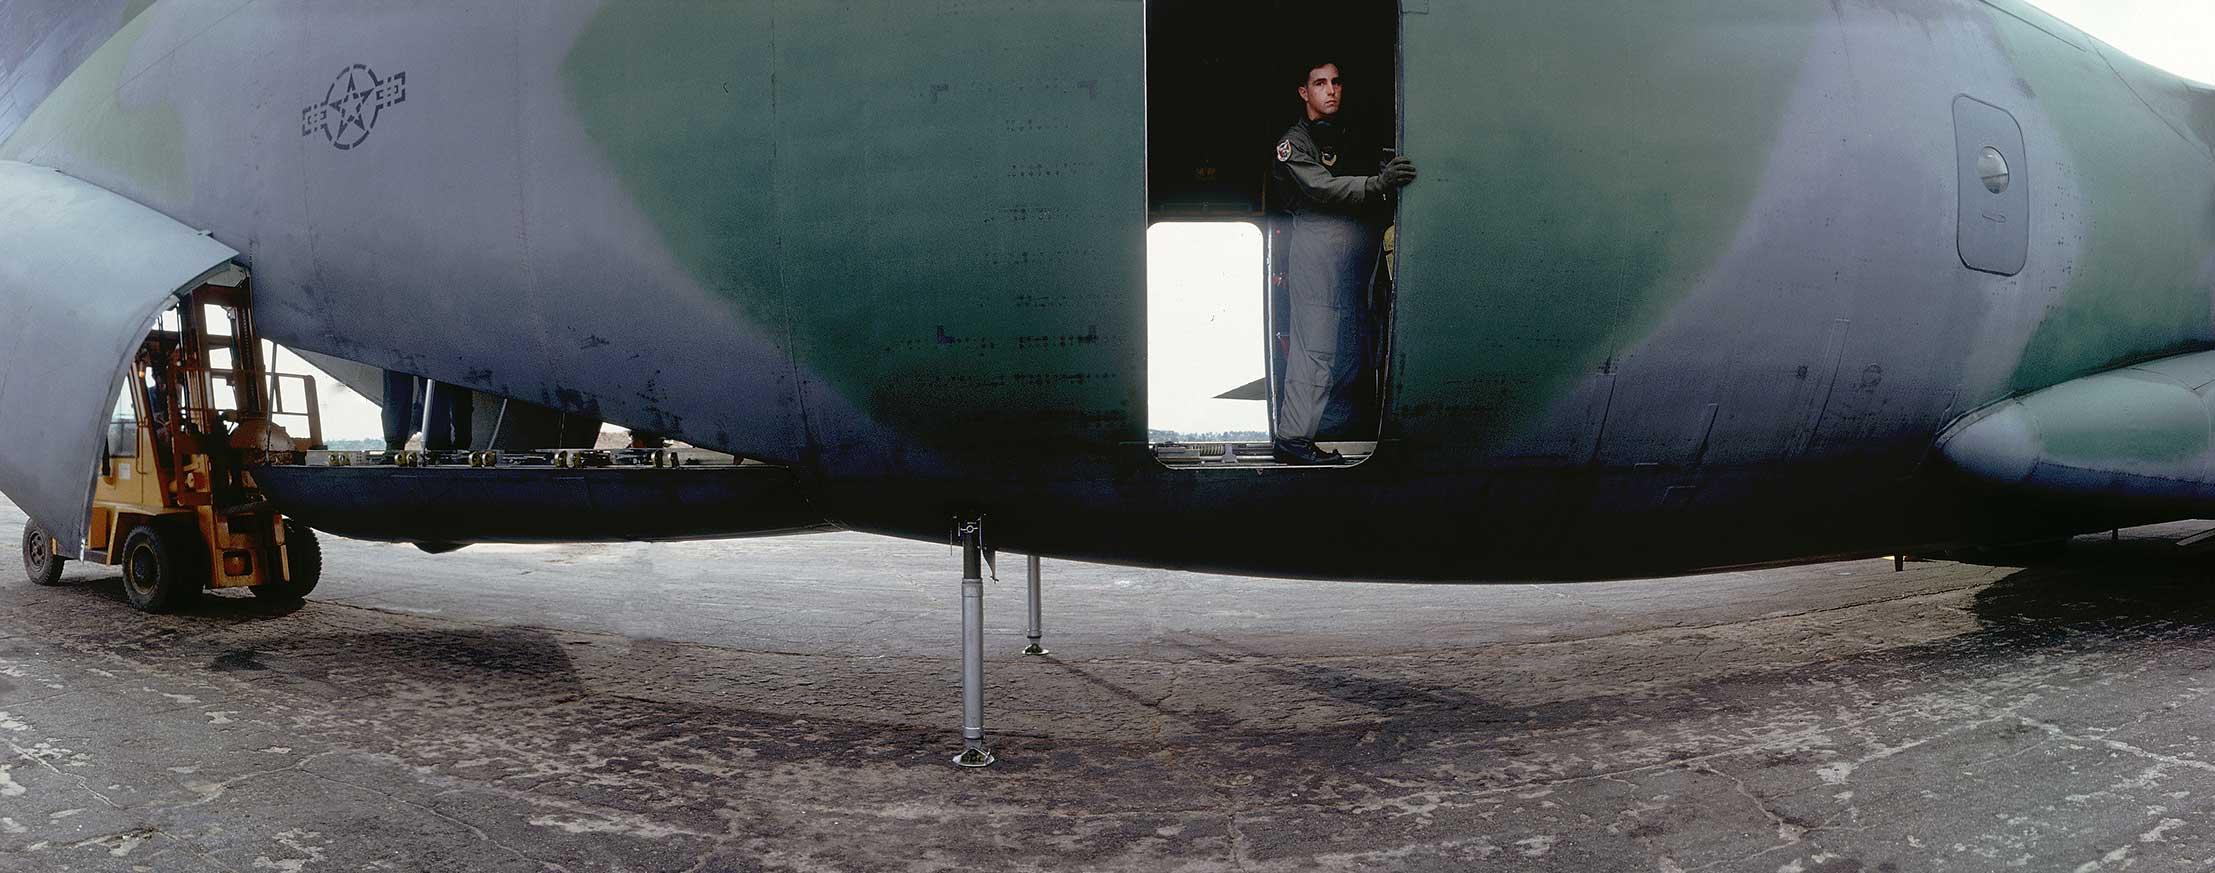 USAF Cambodia